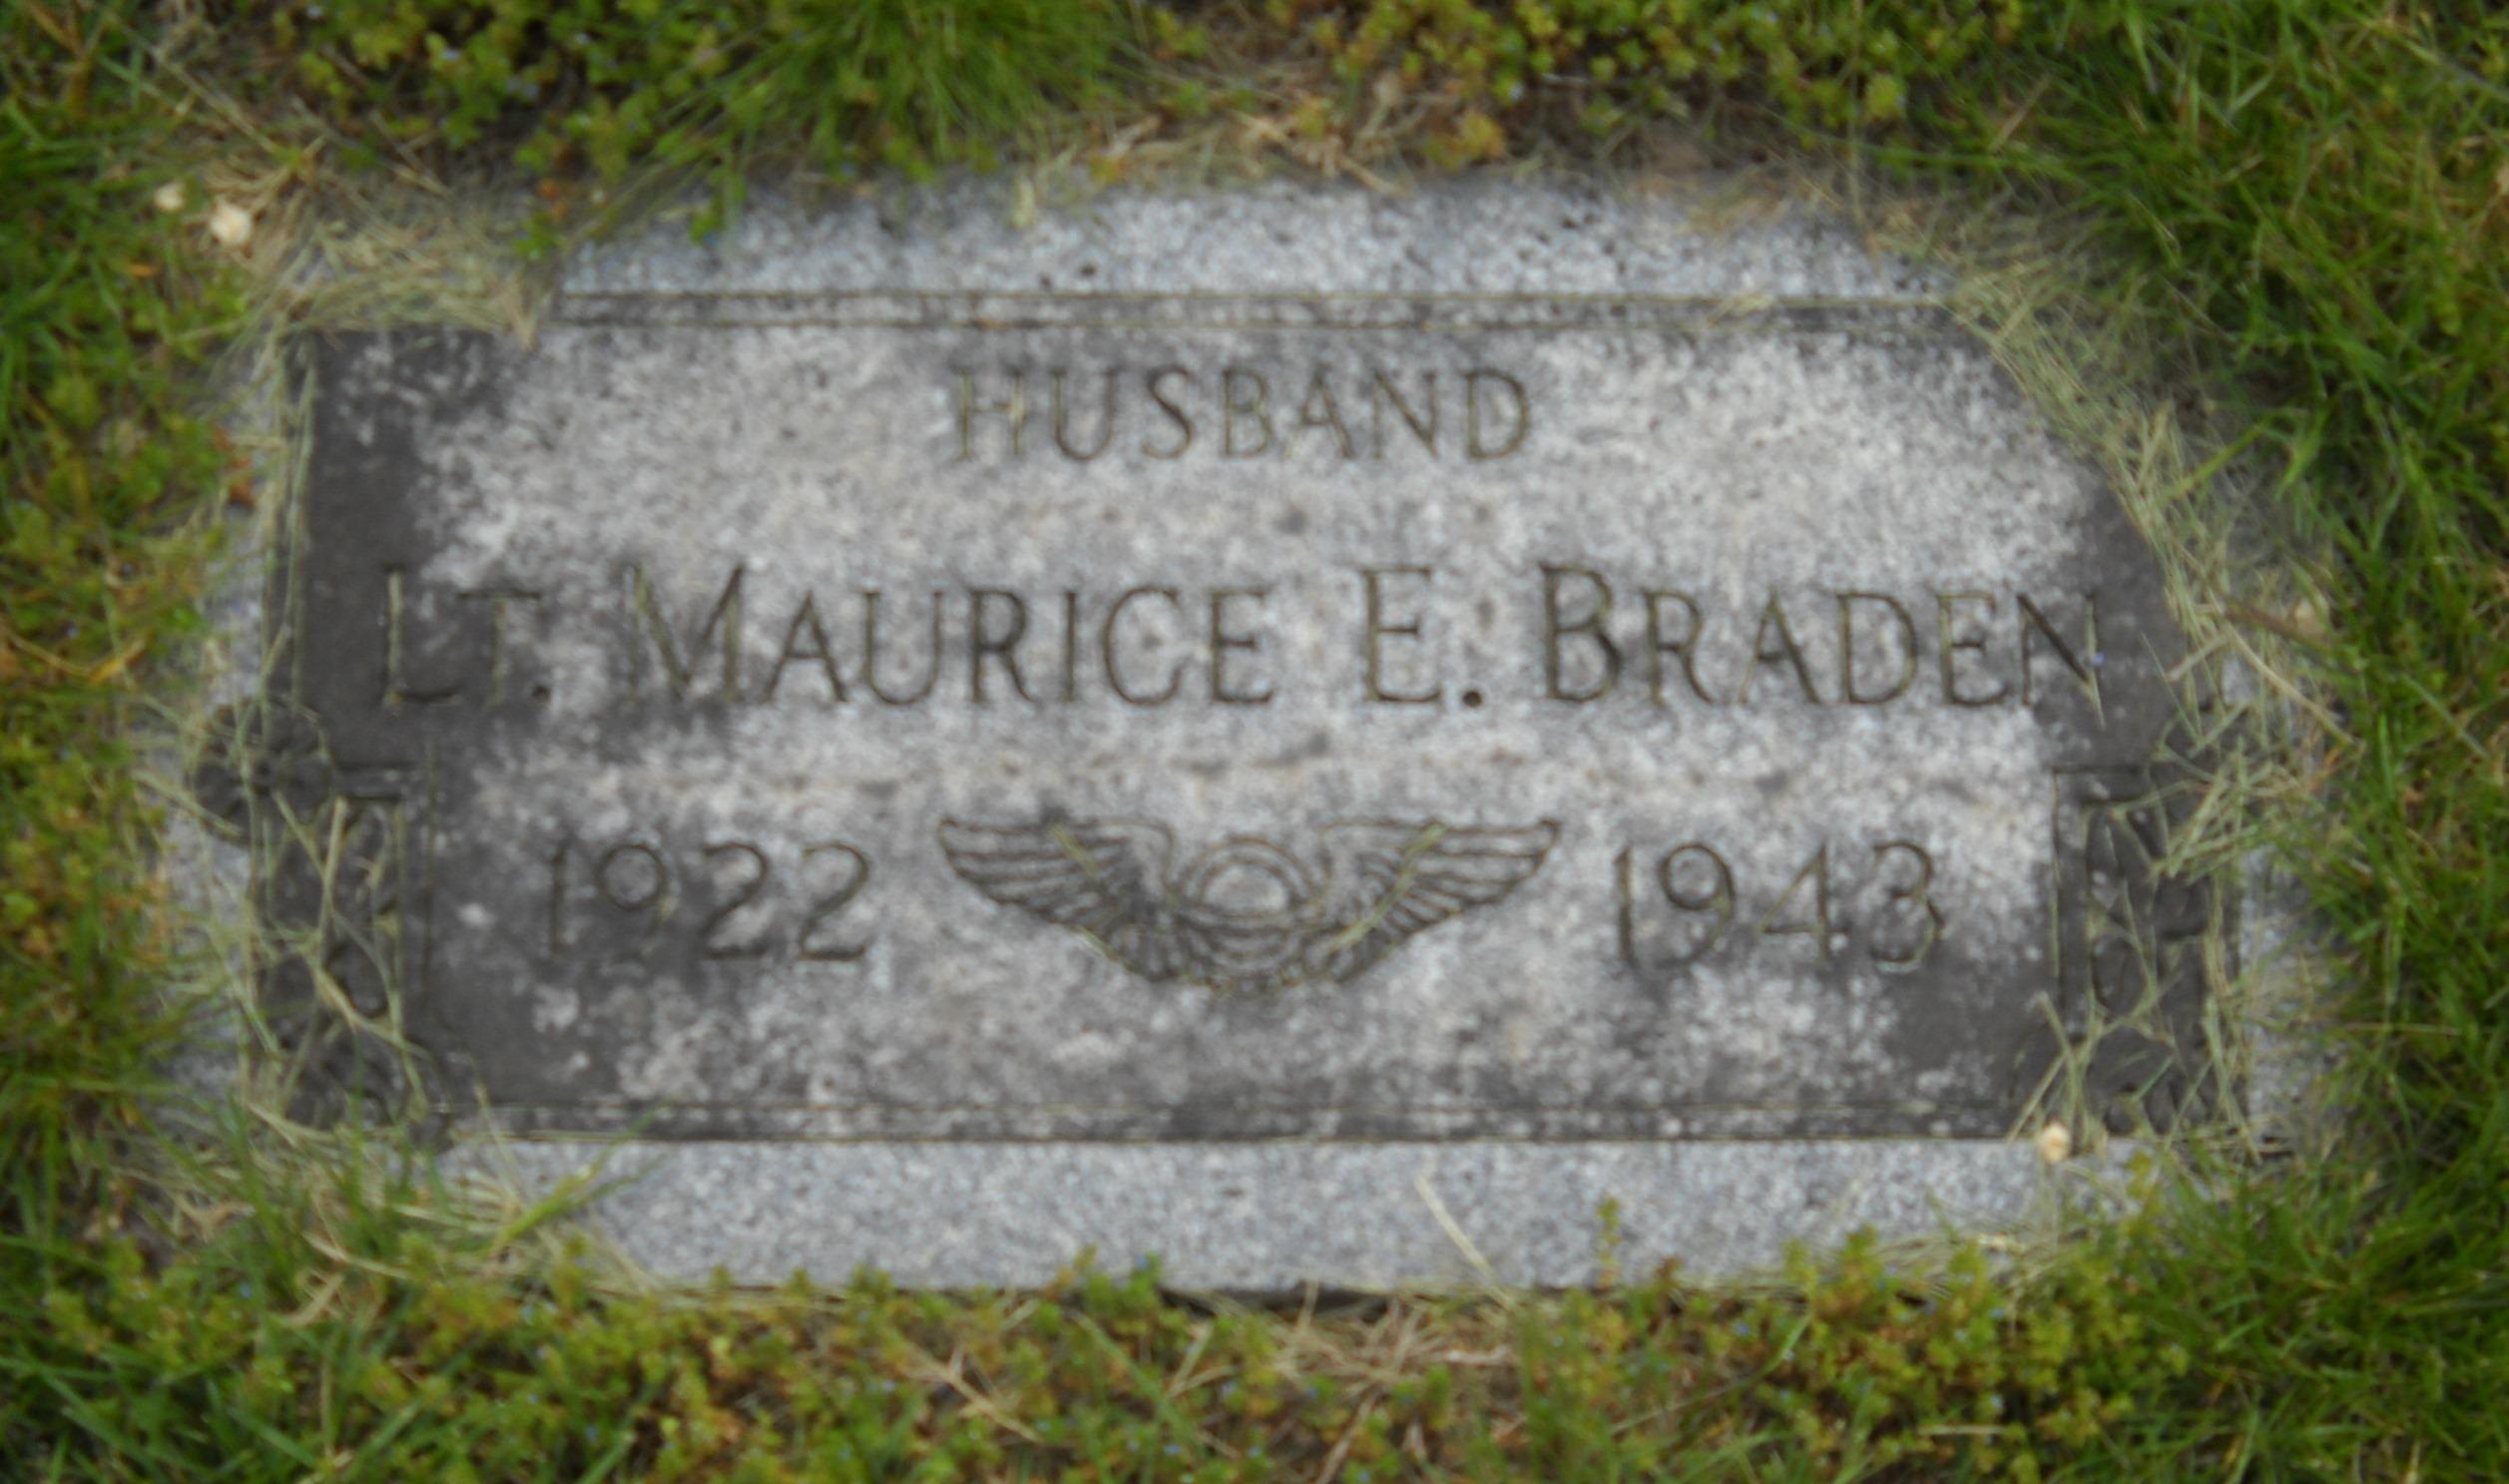 Lieut Maurice Edwin Braden